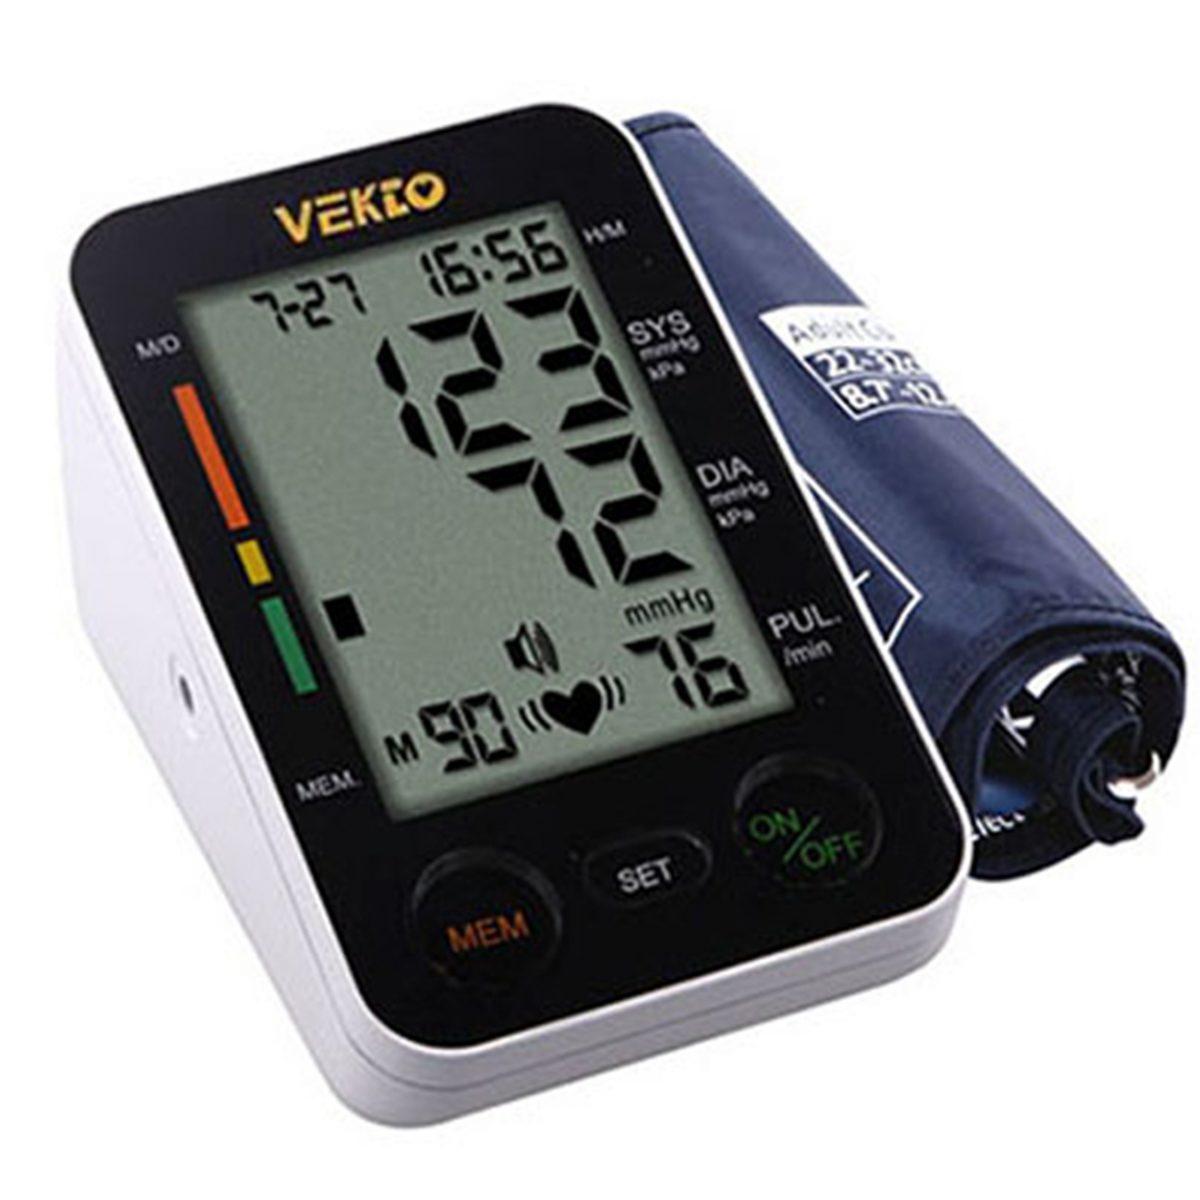 فشارسنج سخنگو وکتو مدل VT-800B12S